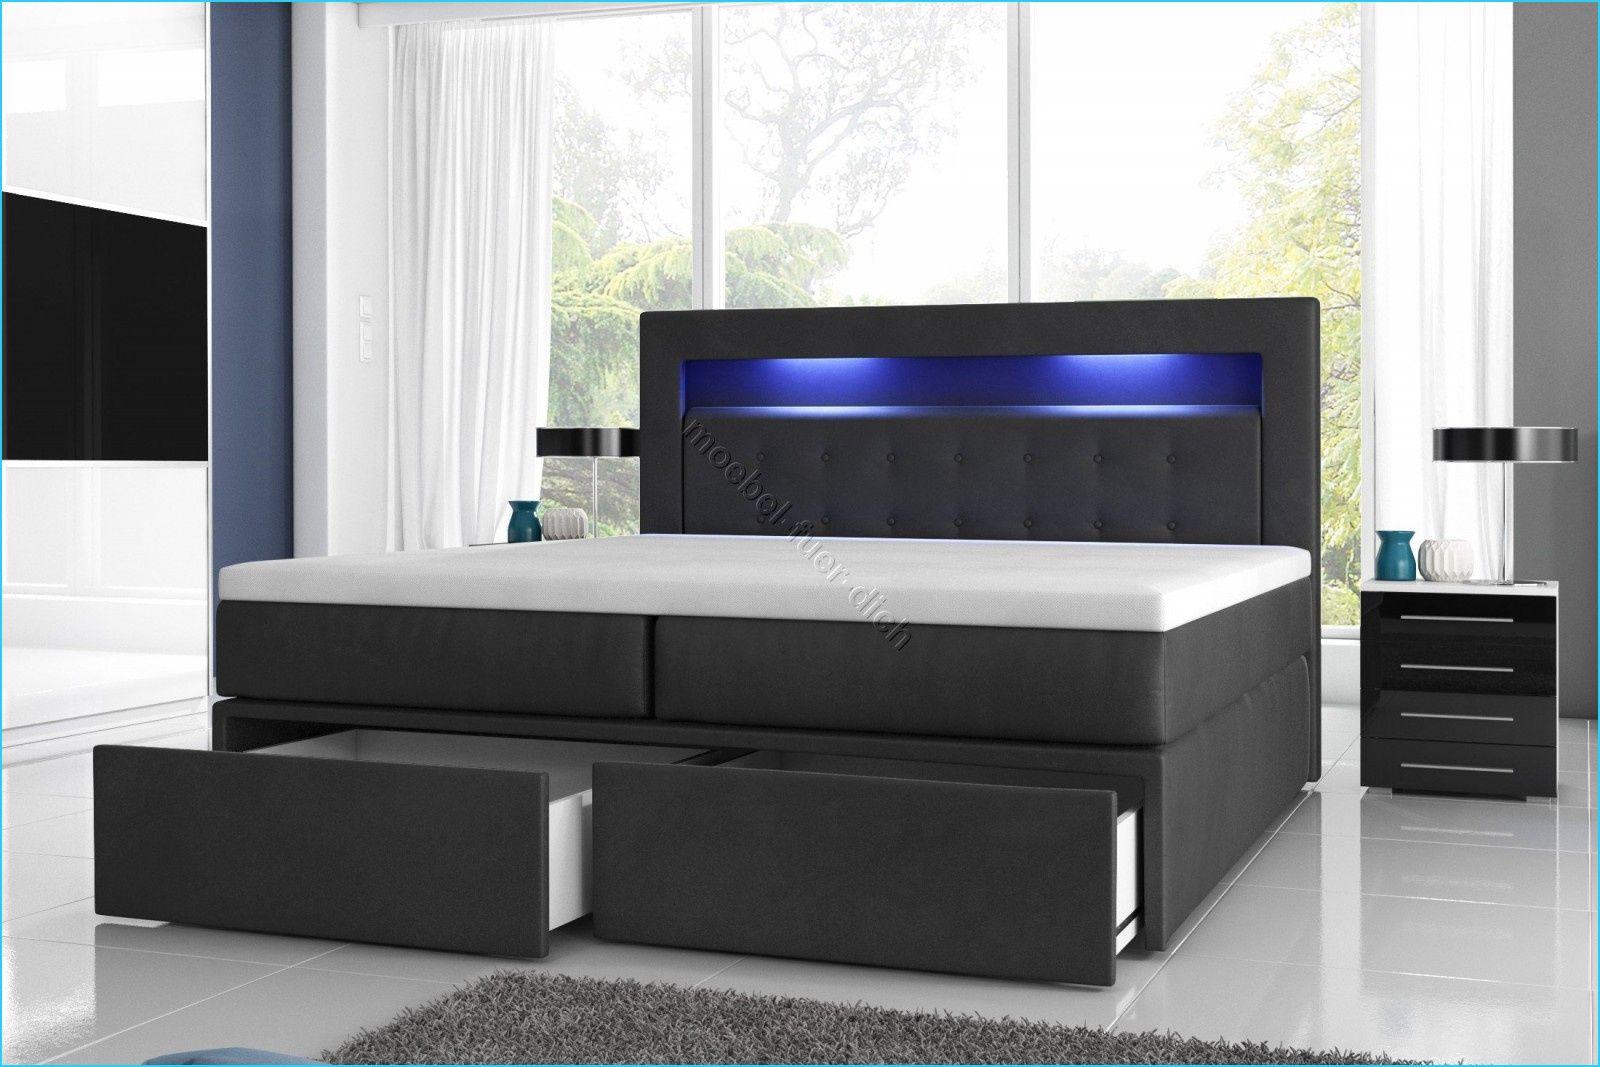 11 Gunstig Boxspringbett 100x200 Mit Bettkasten In 2020 Bed Design Home Home Decor